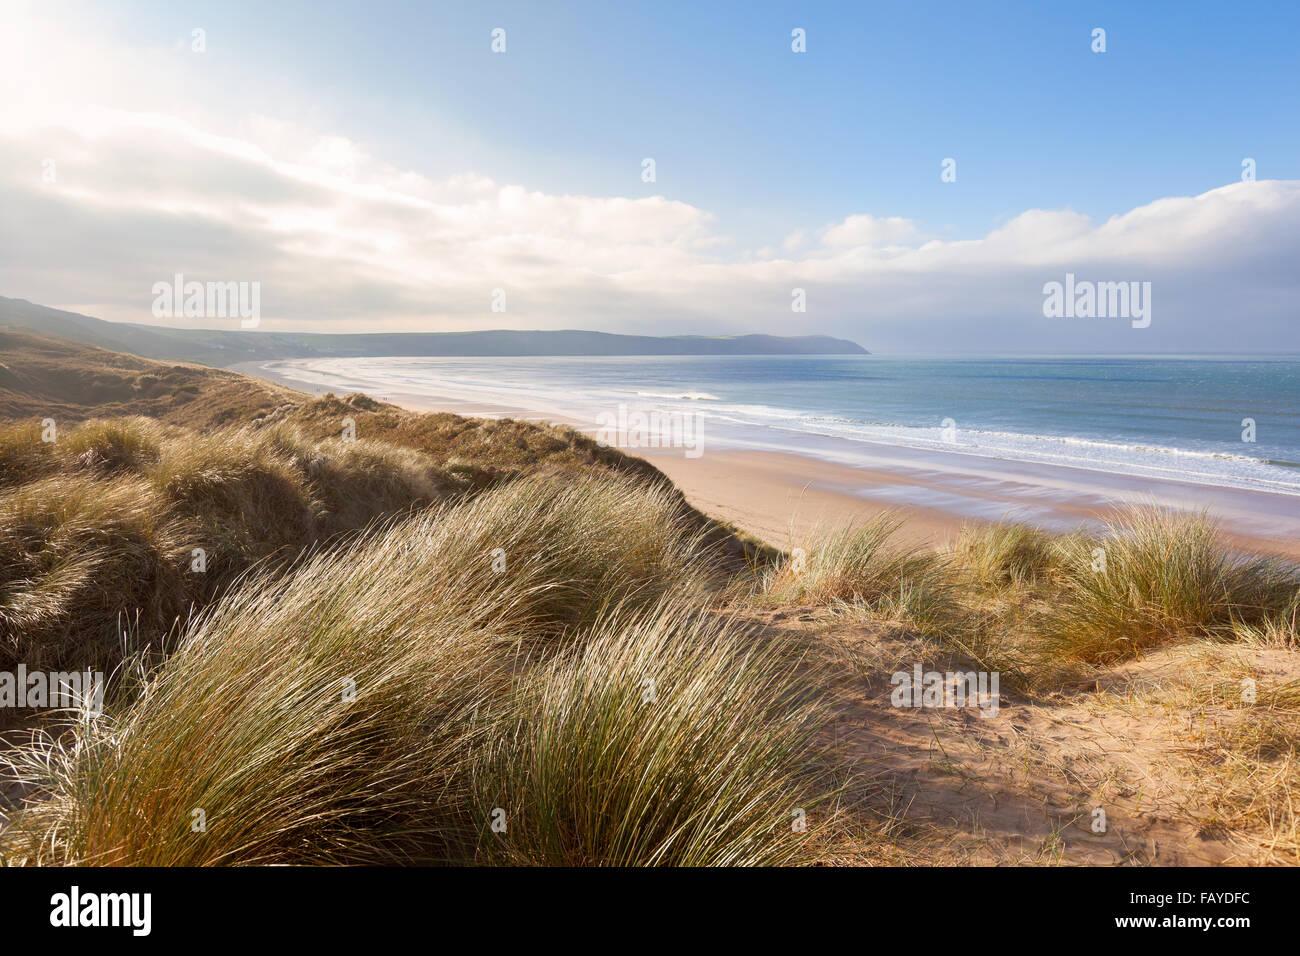 Windswept hierba en las dunas de arena por encima de Woolacombe playa en North Devon, Inglaterra Imagen De Stock